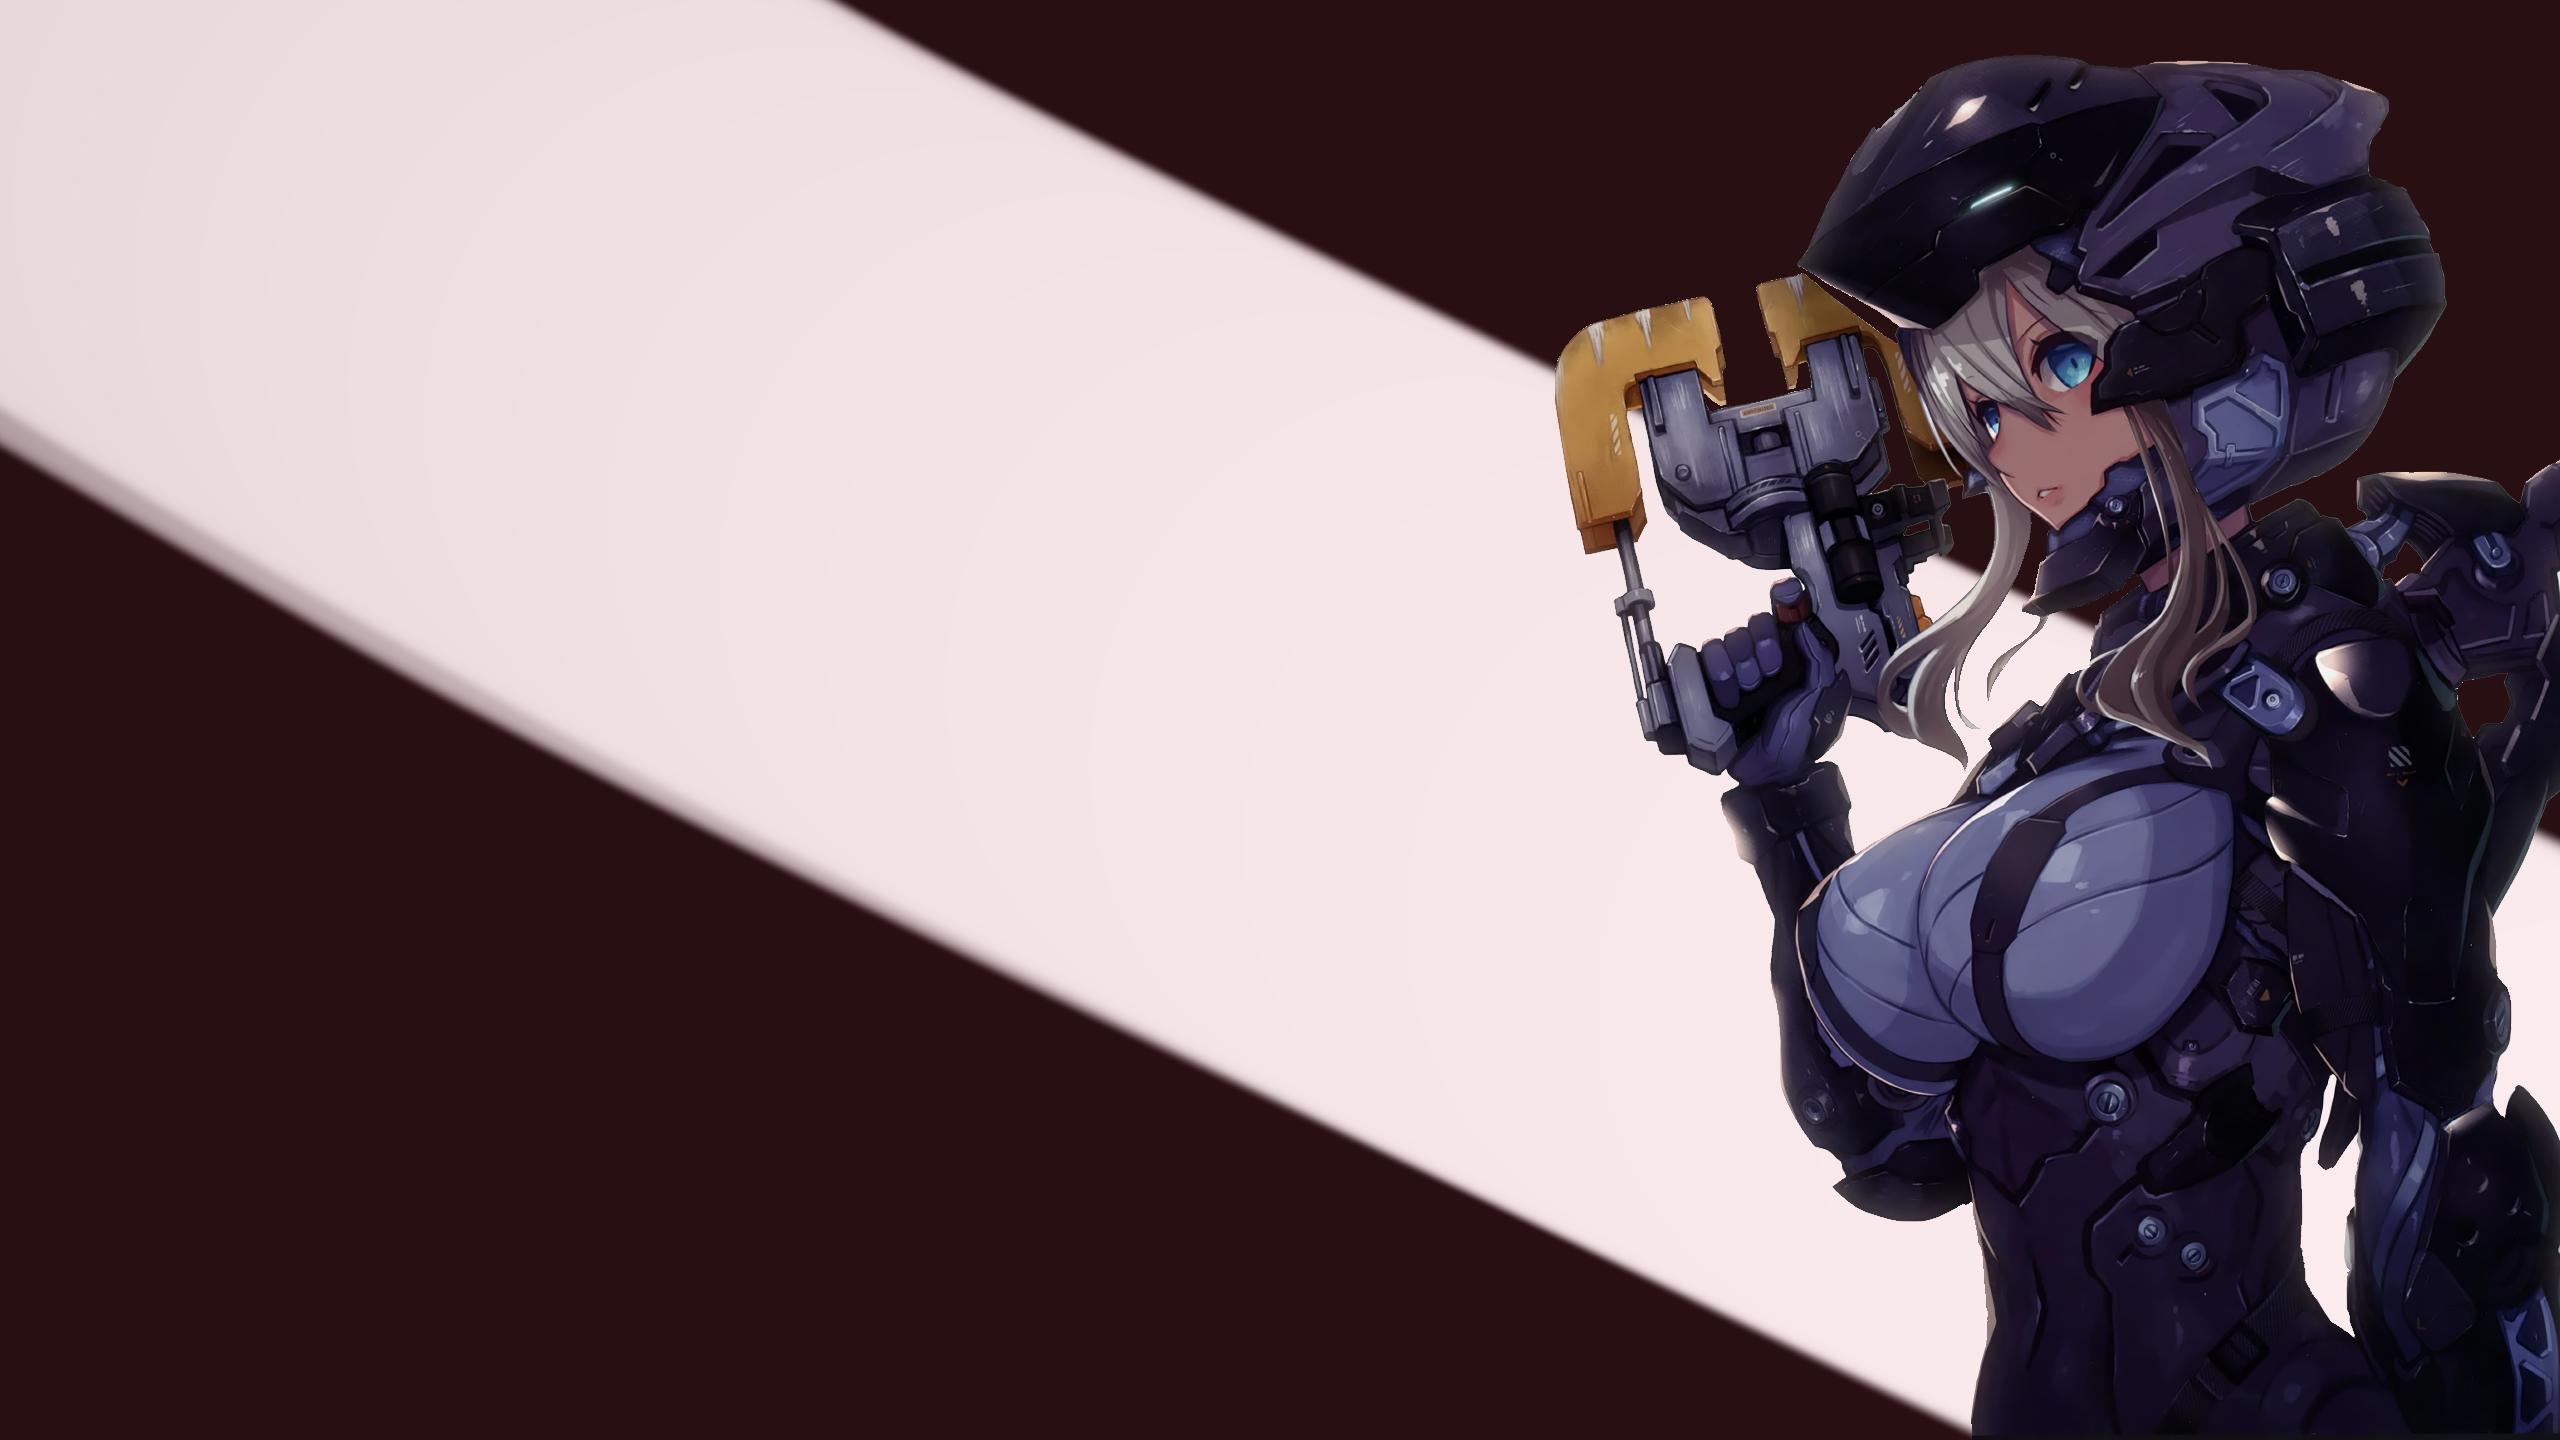 Anime Dead Space White Hair Armor Futuristic Blue Eyes 2560x1440